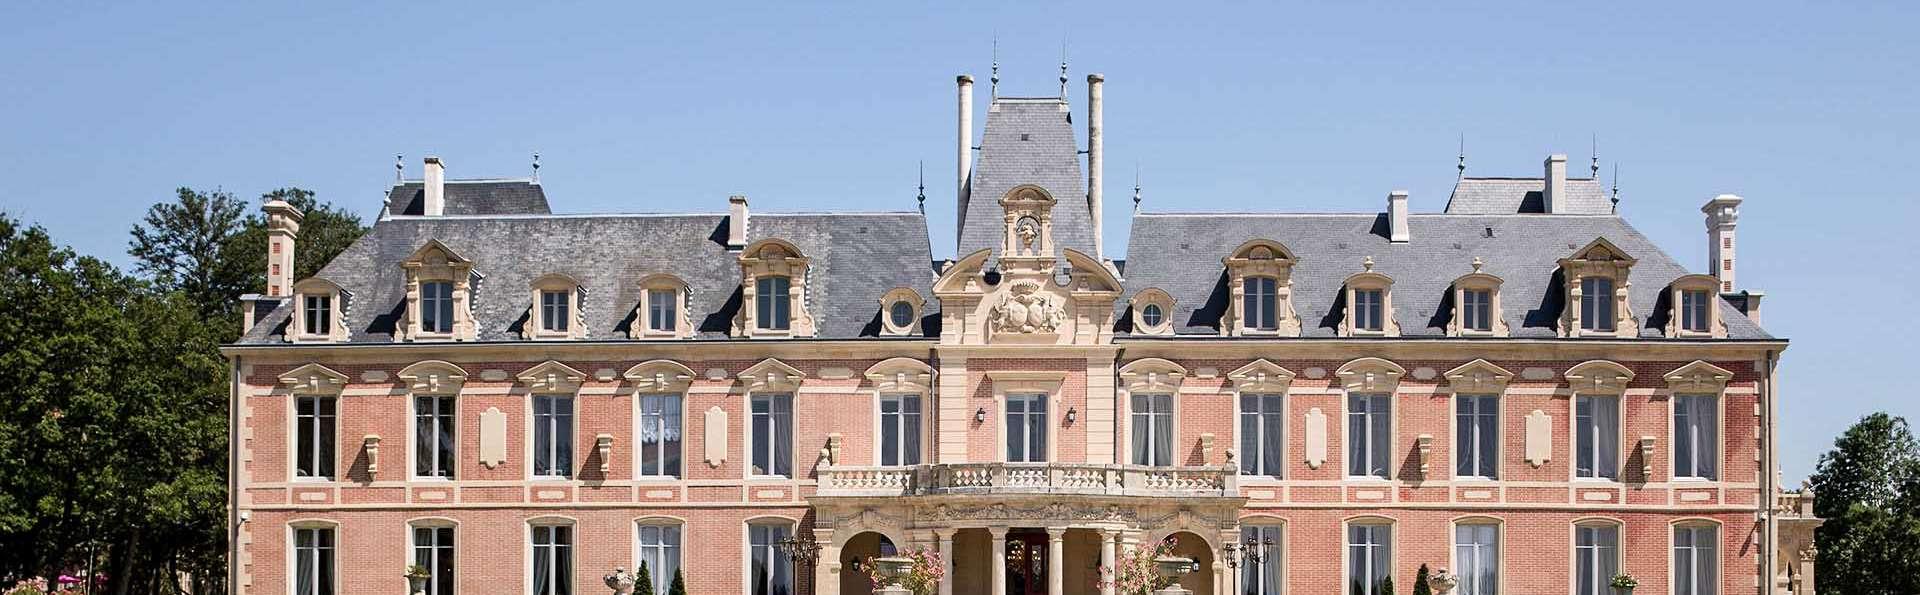 Hôtel Alexandra Palace - EDIT_exterieur_04.JPG